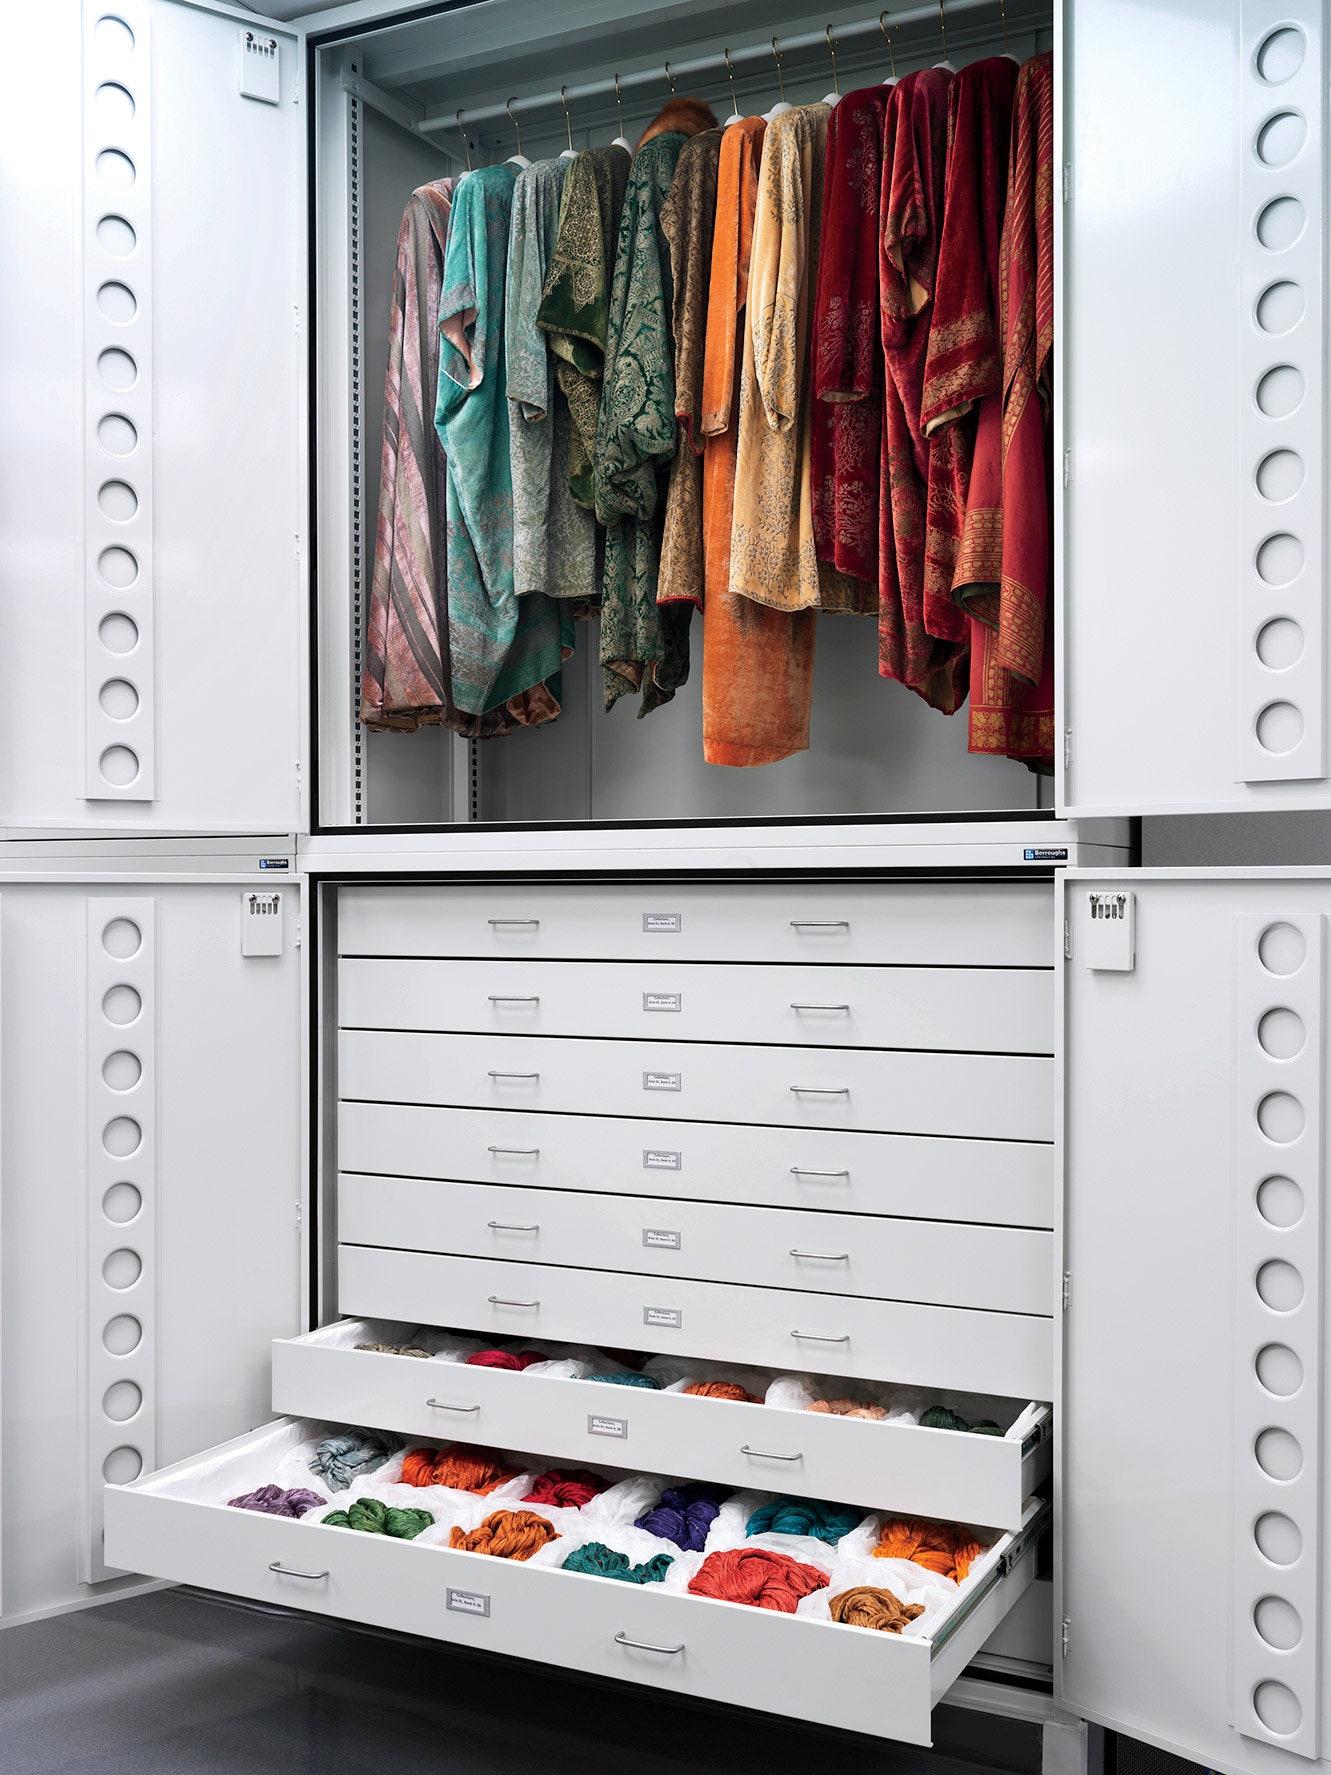 dọn dẹp quần áo theo màu sắc